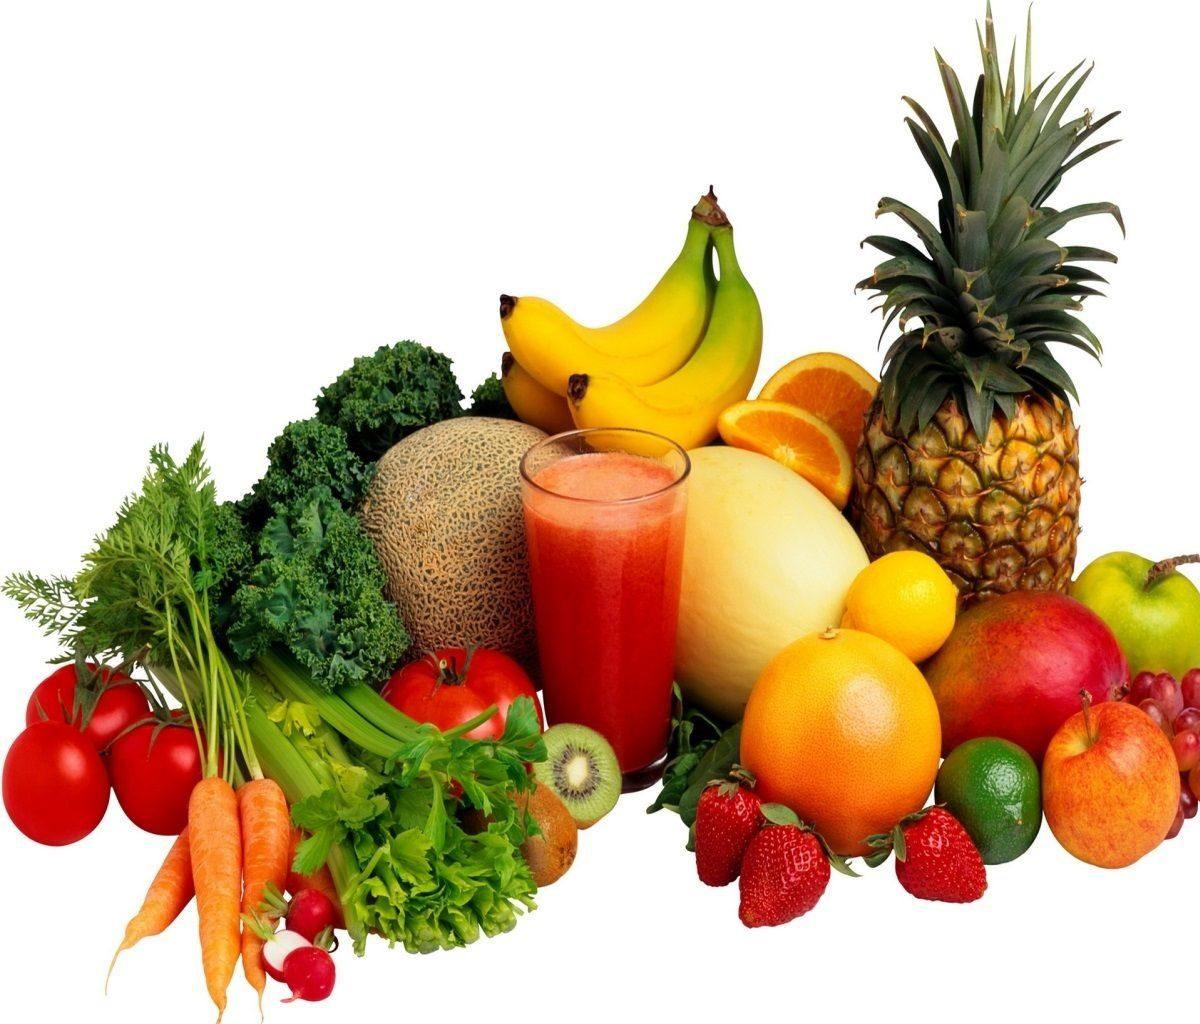 مقایسه-فواید-میوه-و-سبزیجات-تازه-با-انواع-منجد-انها